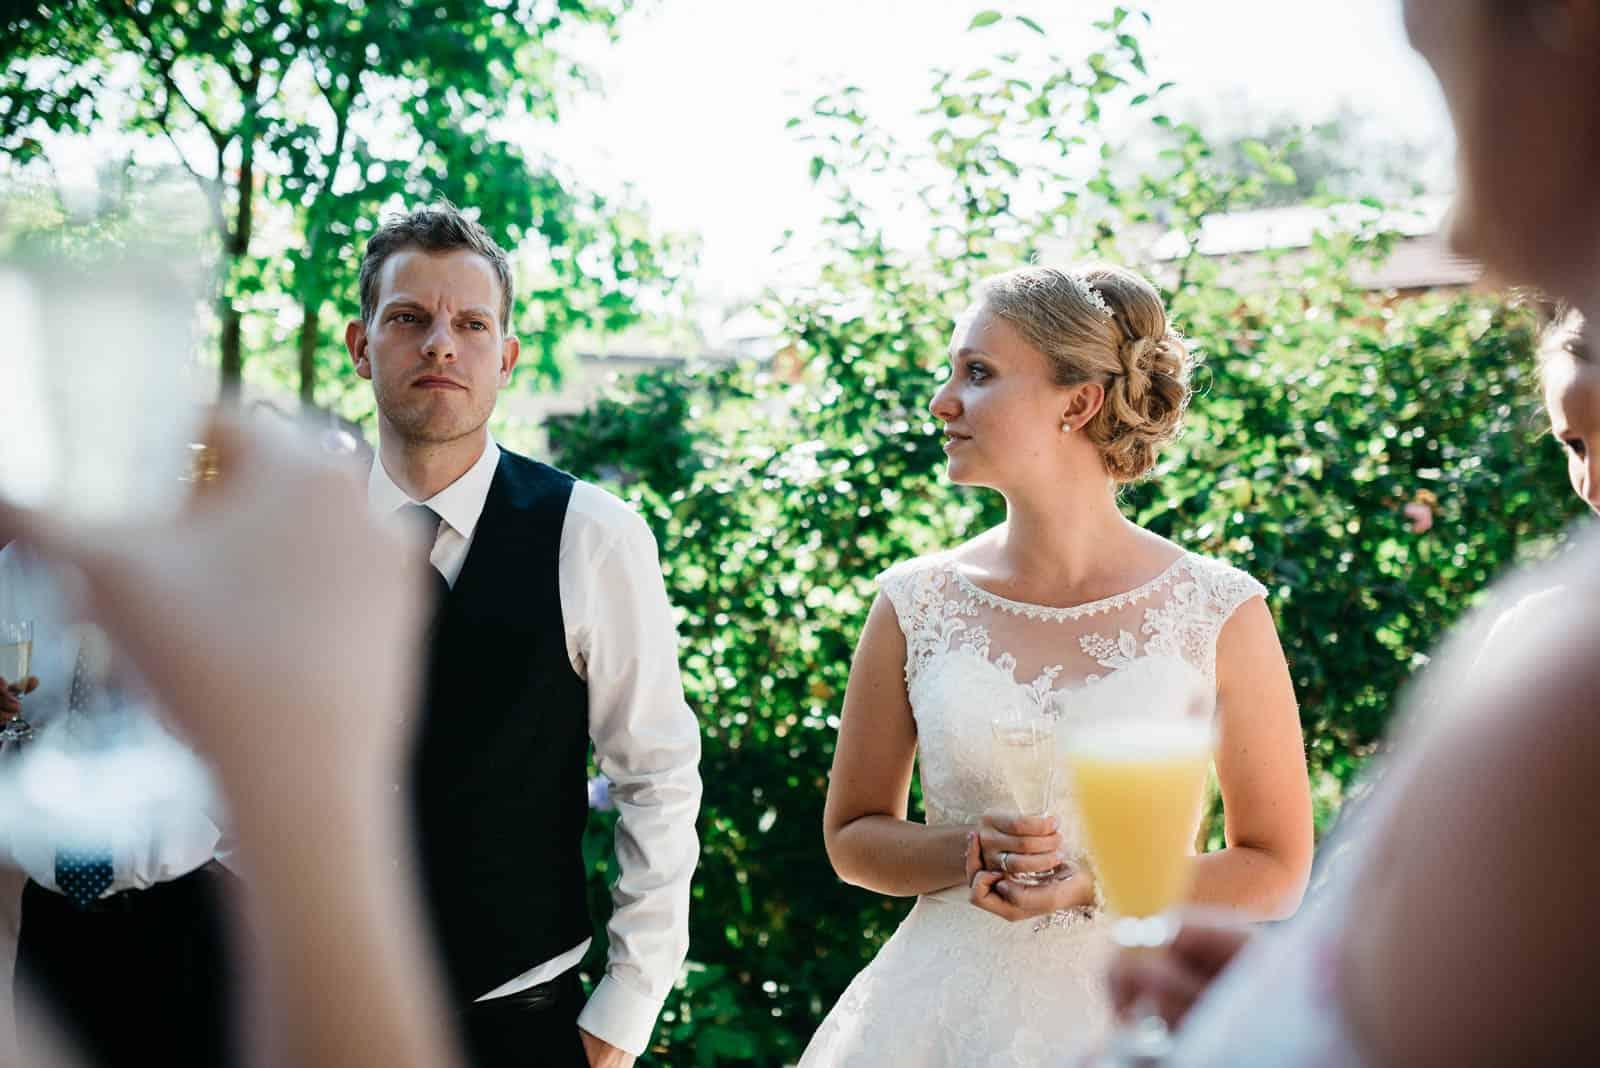 Wedding_Photography_093